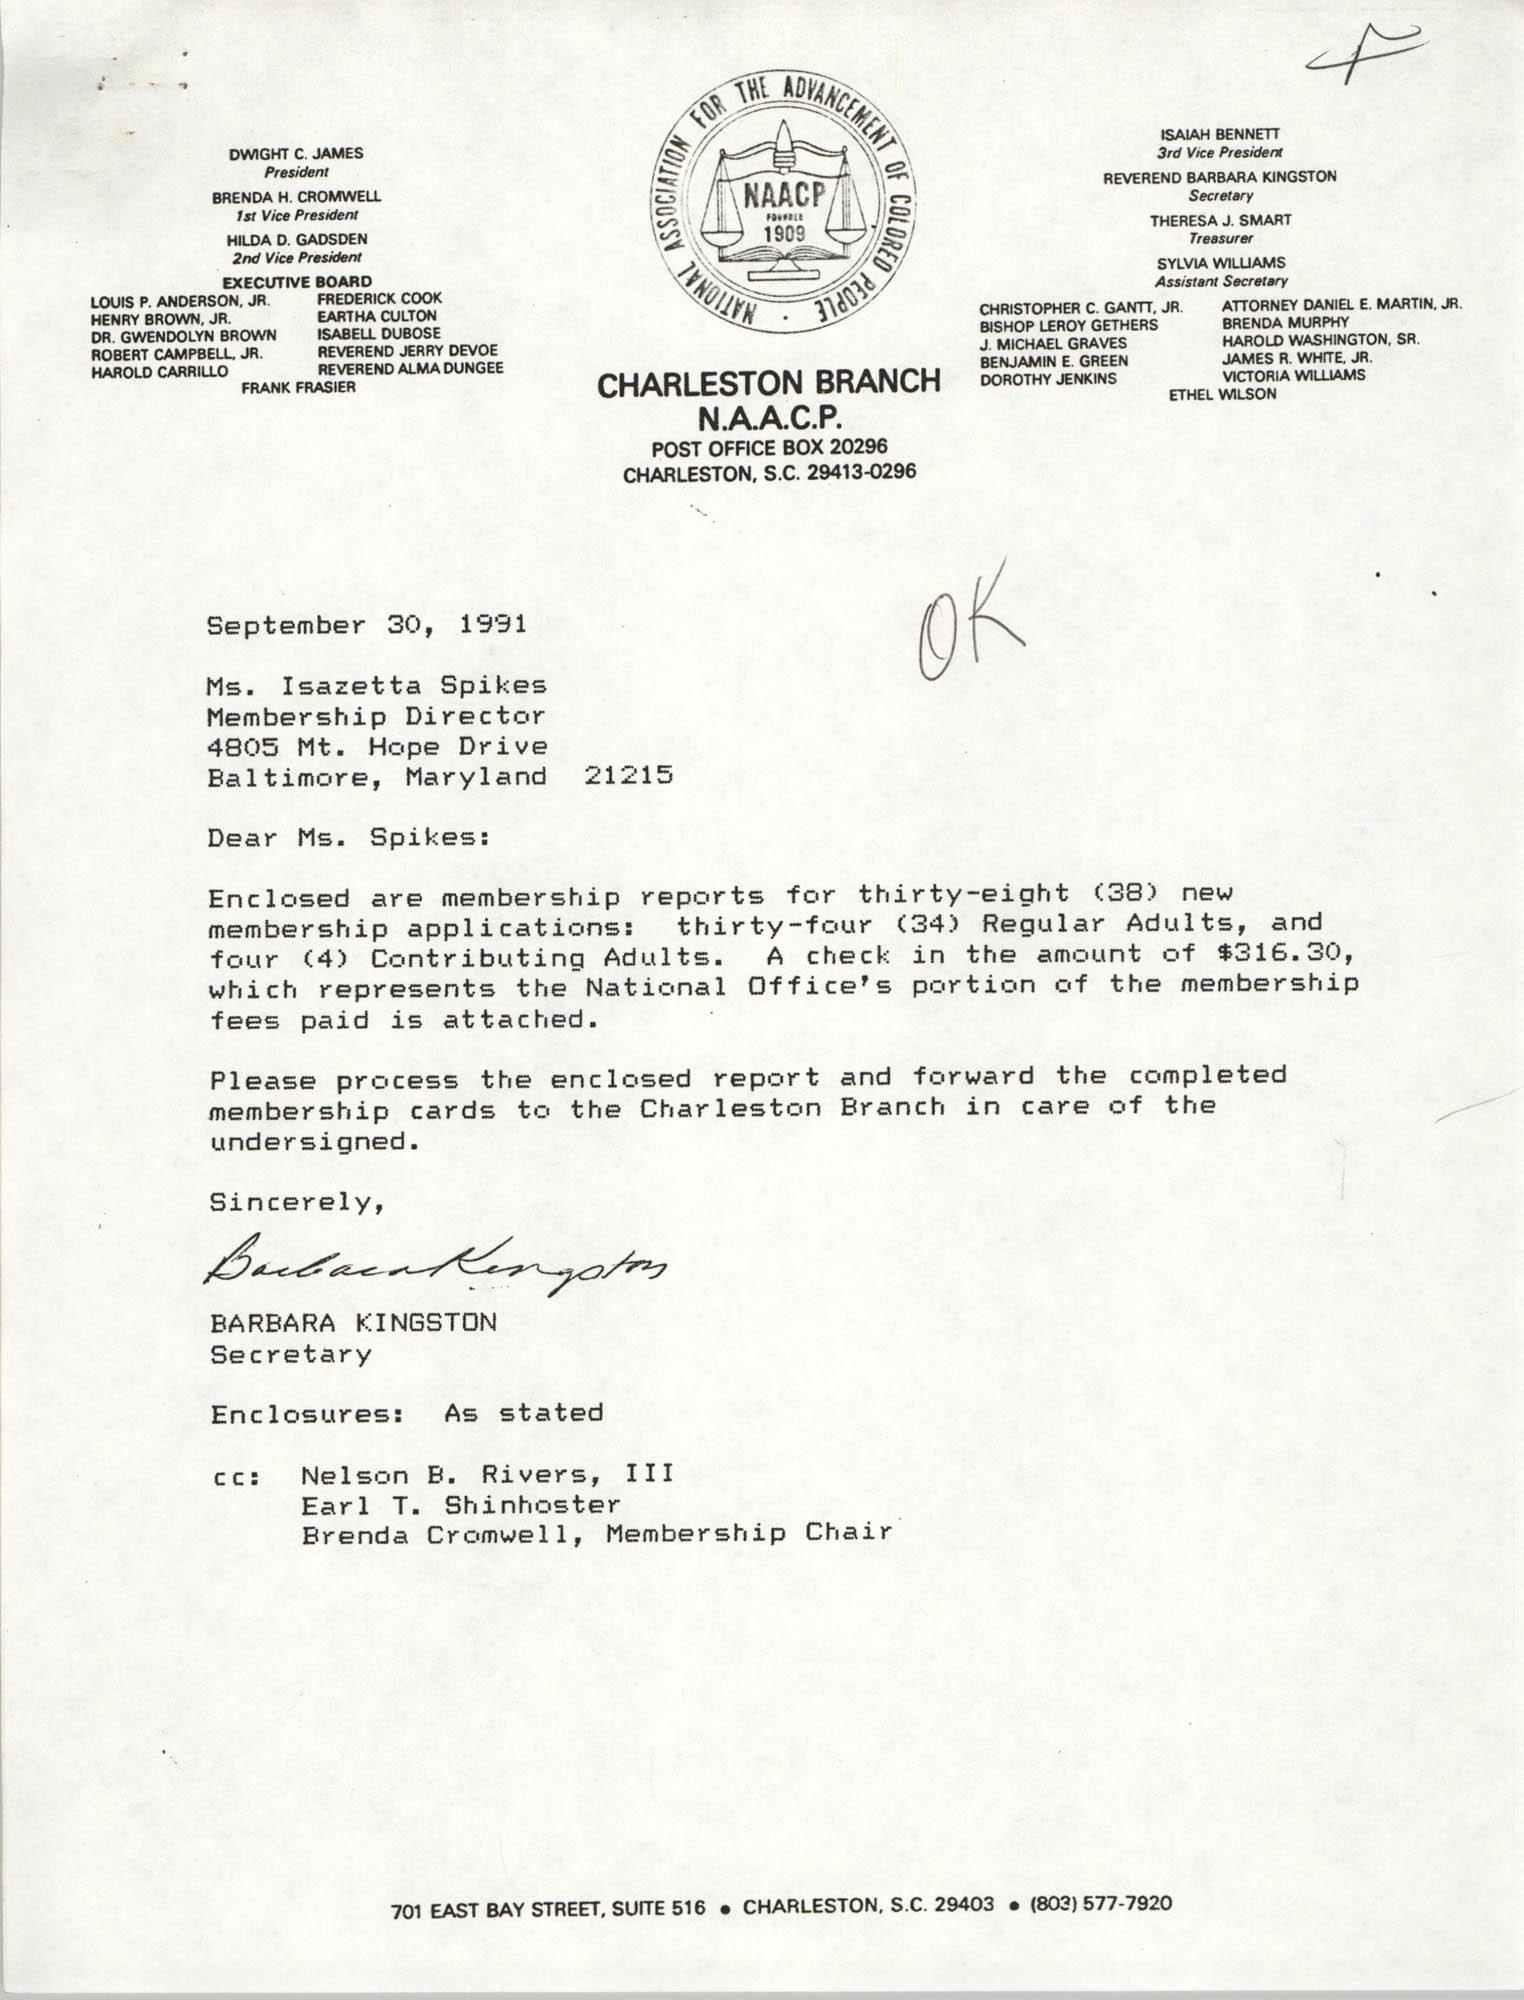 Letter from Barbara Kingston to Isazetta Spikes, September 30, 1991